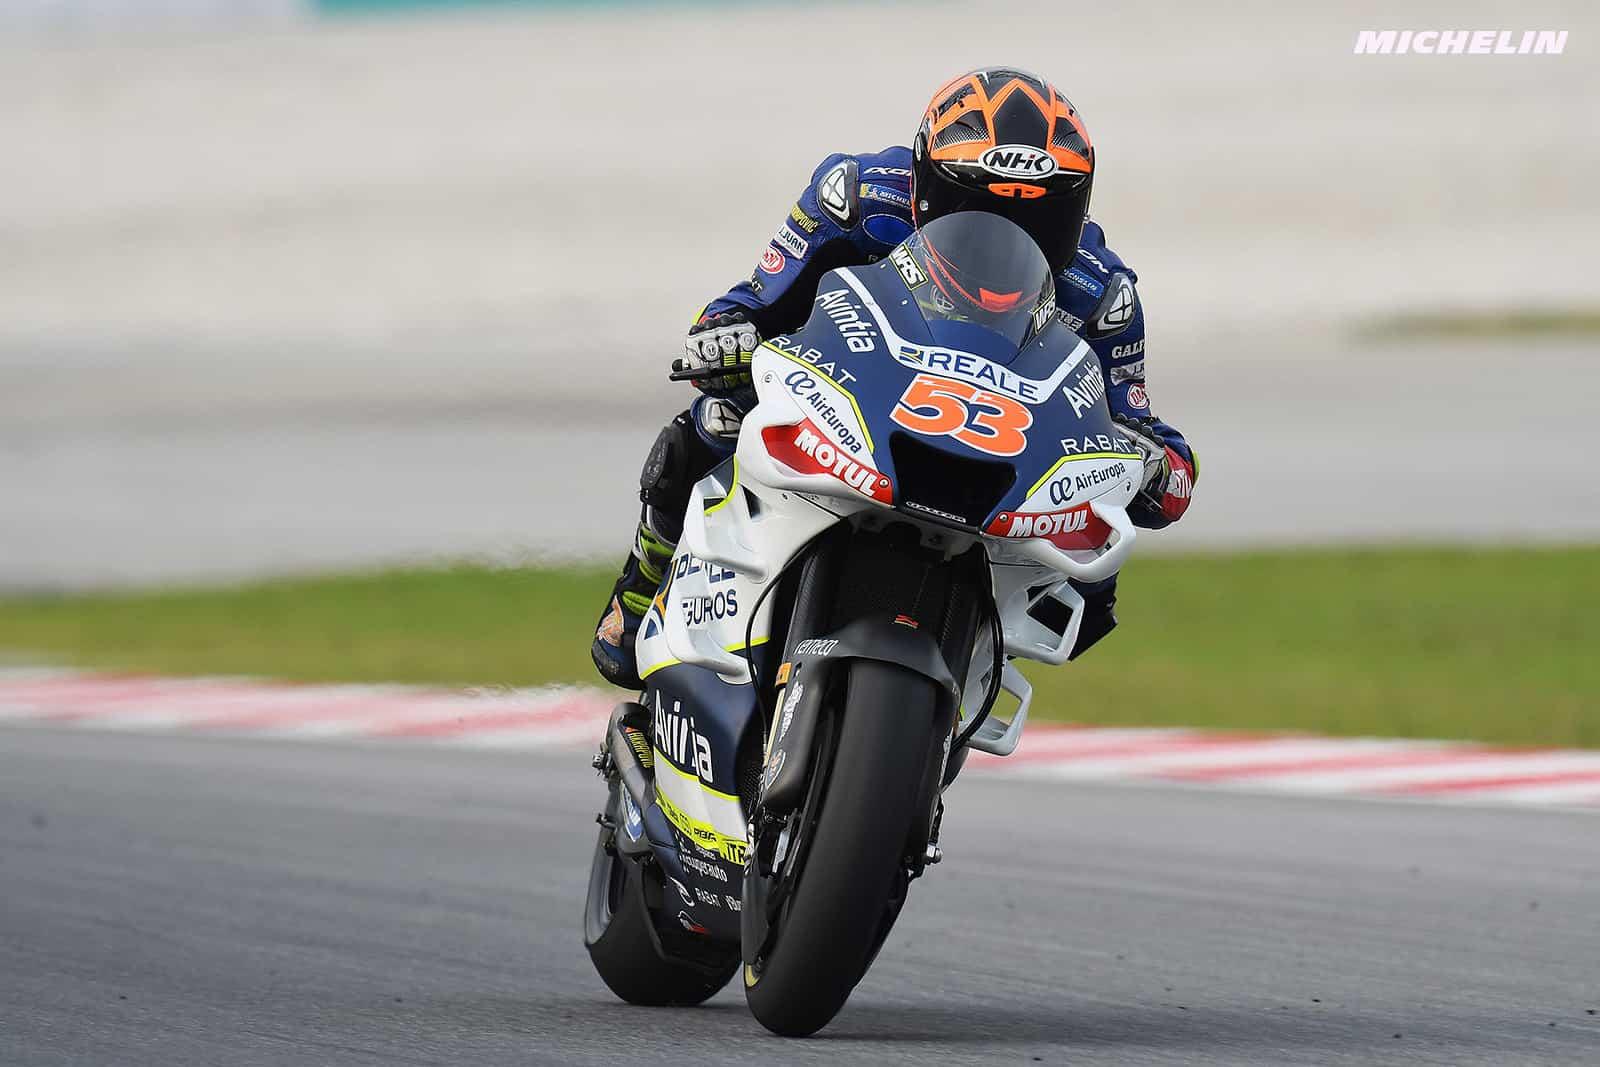 ティト・ラバト「Ducatiからのサポートはザルコ同様に手厚い」